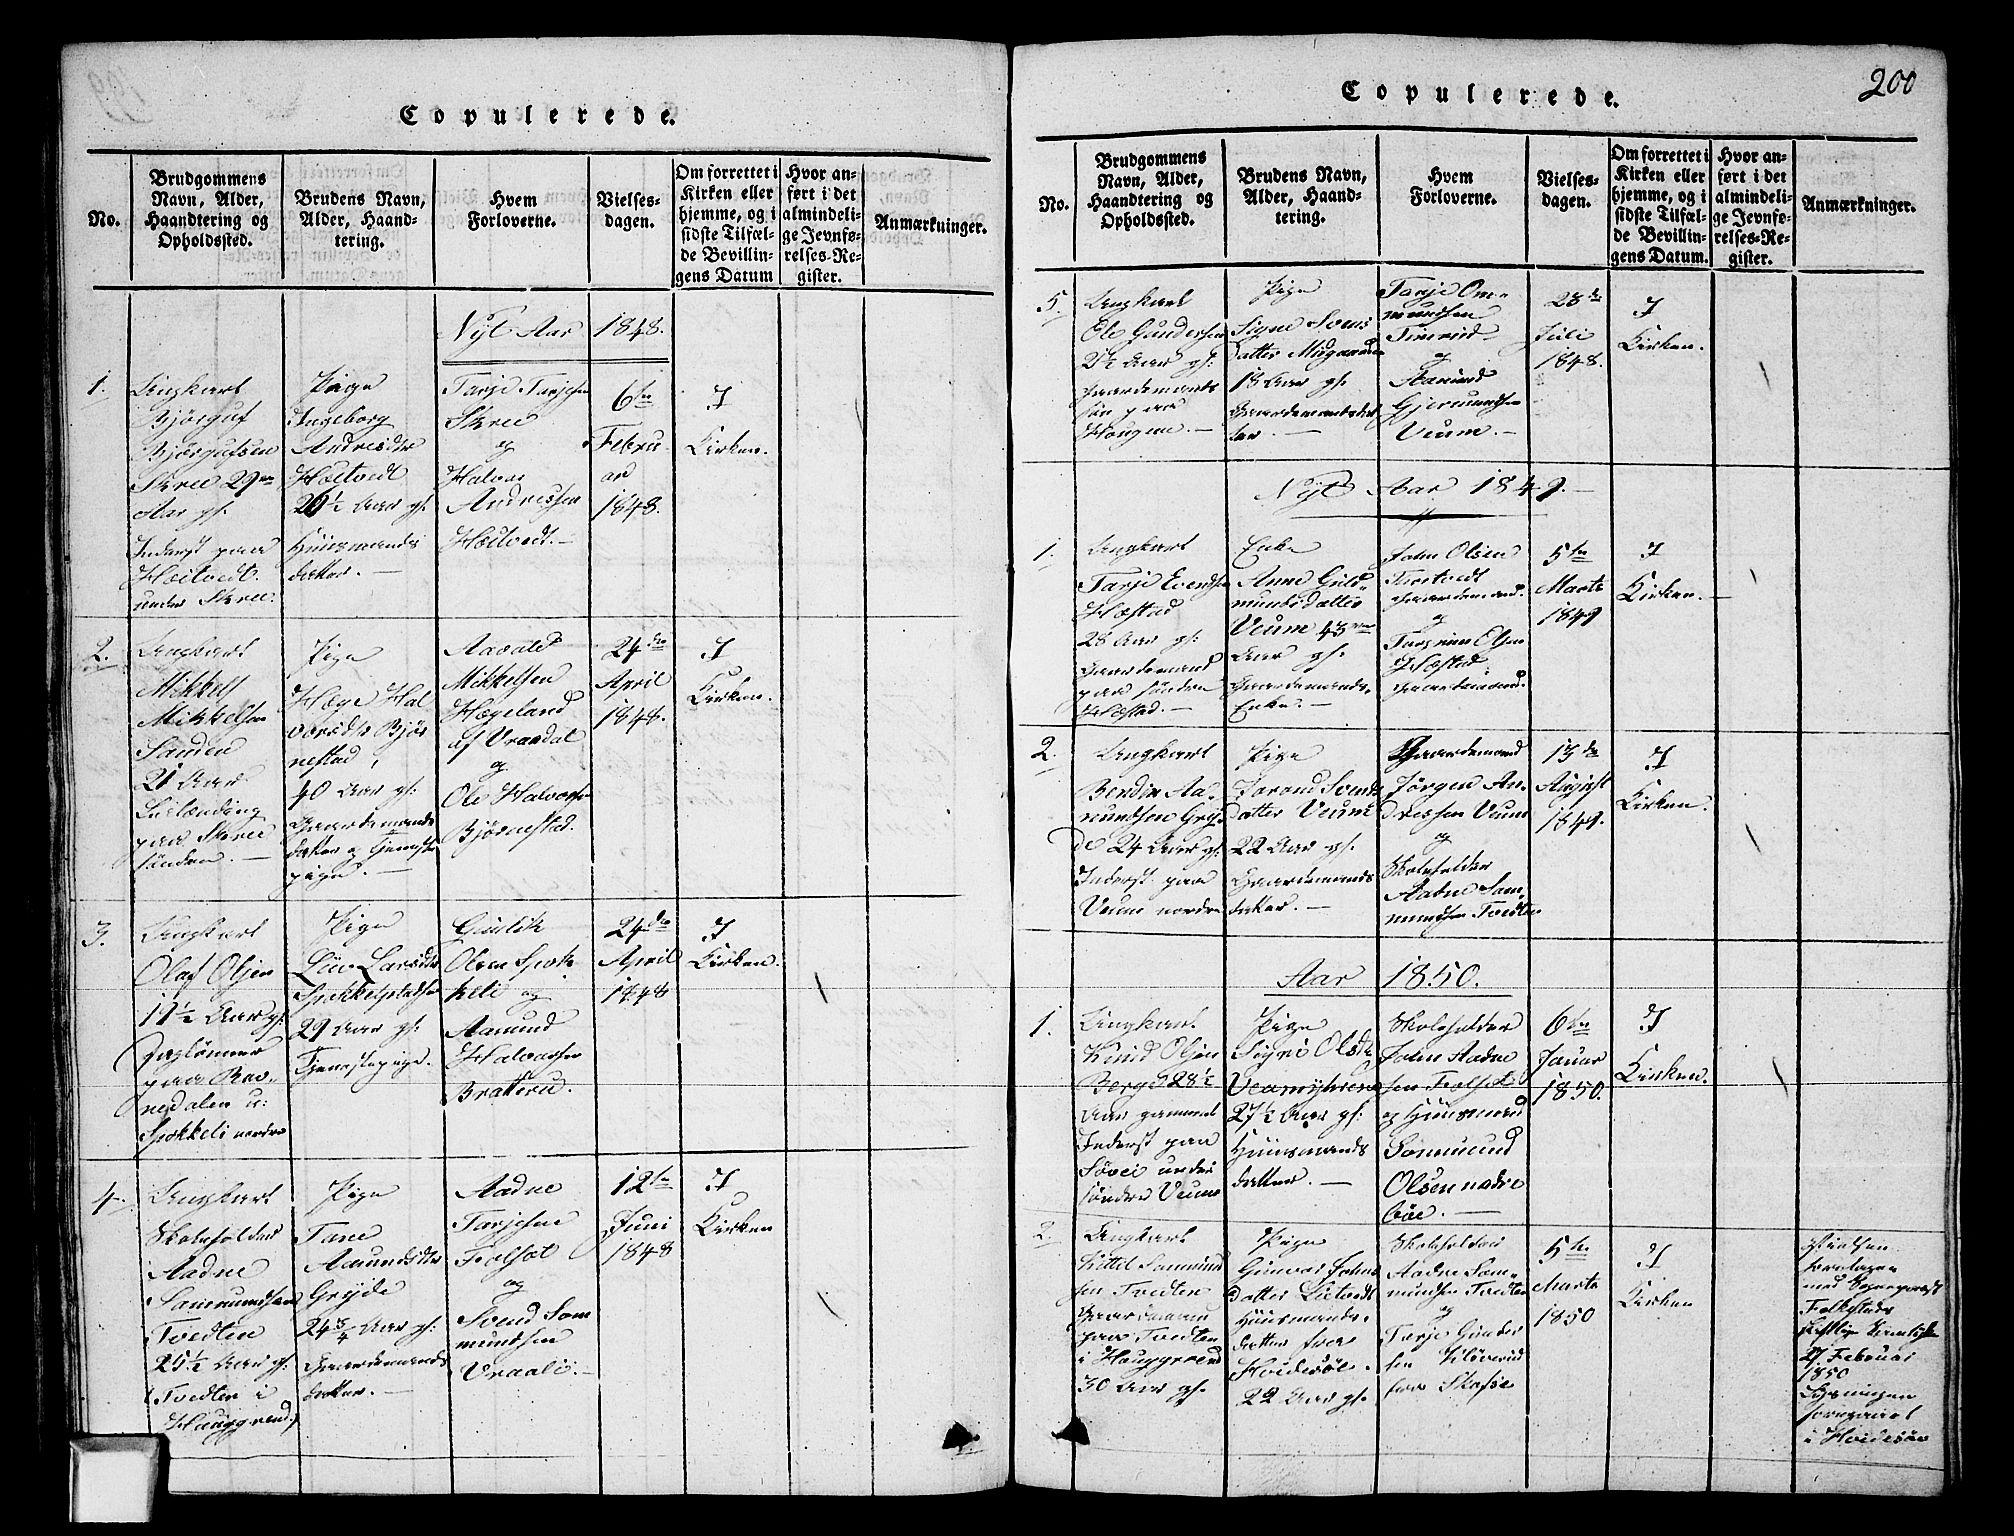 SAKO, Fyresdal kirkebøker, G/Ga/L0003: Klokkerbok nr. I 3, 1815-1863, s. 200